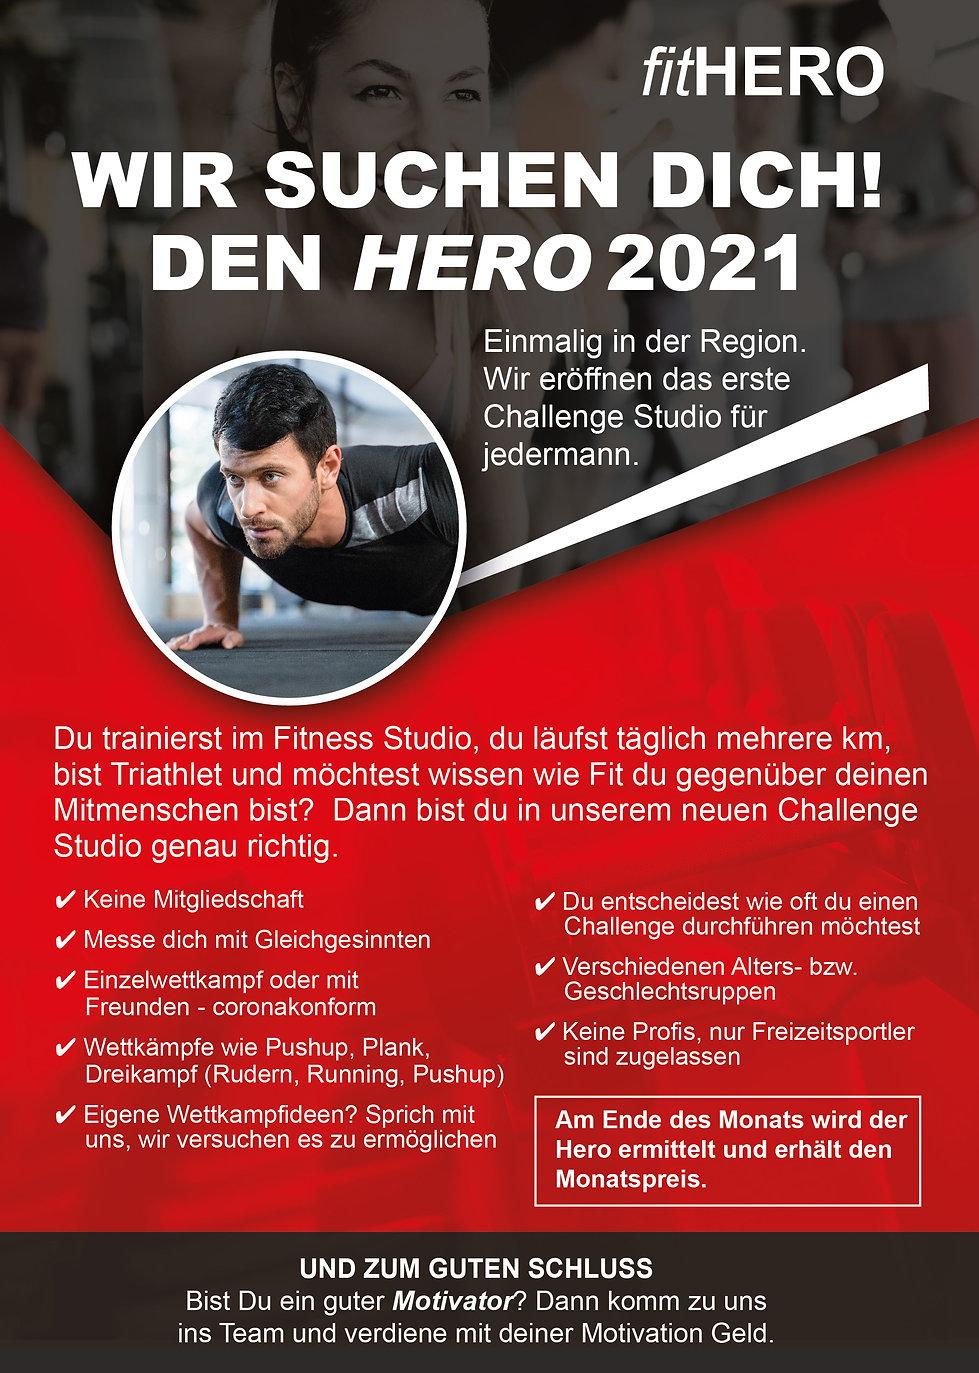 Hero2021_fitACHIM.jpg